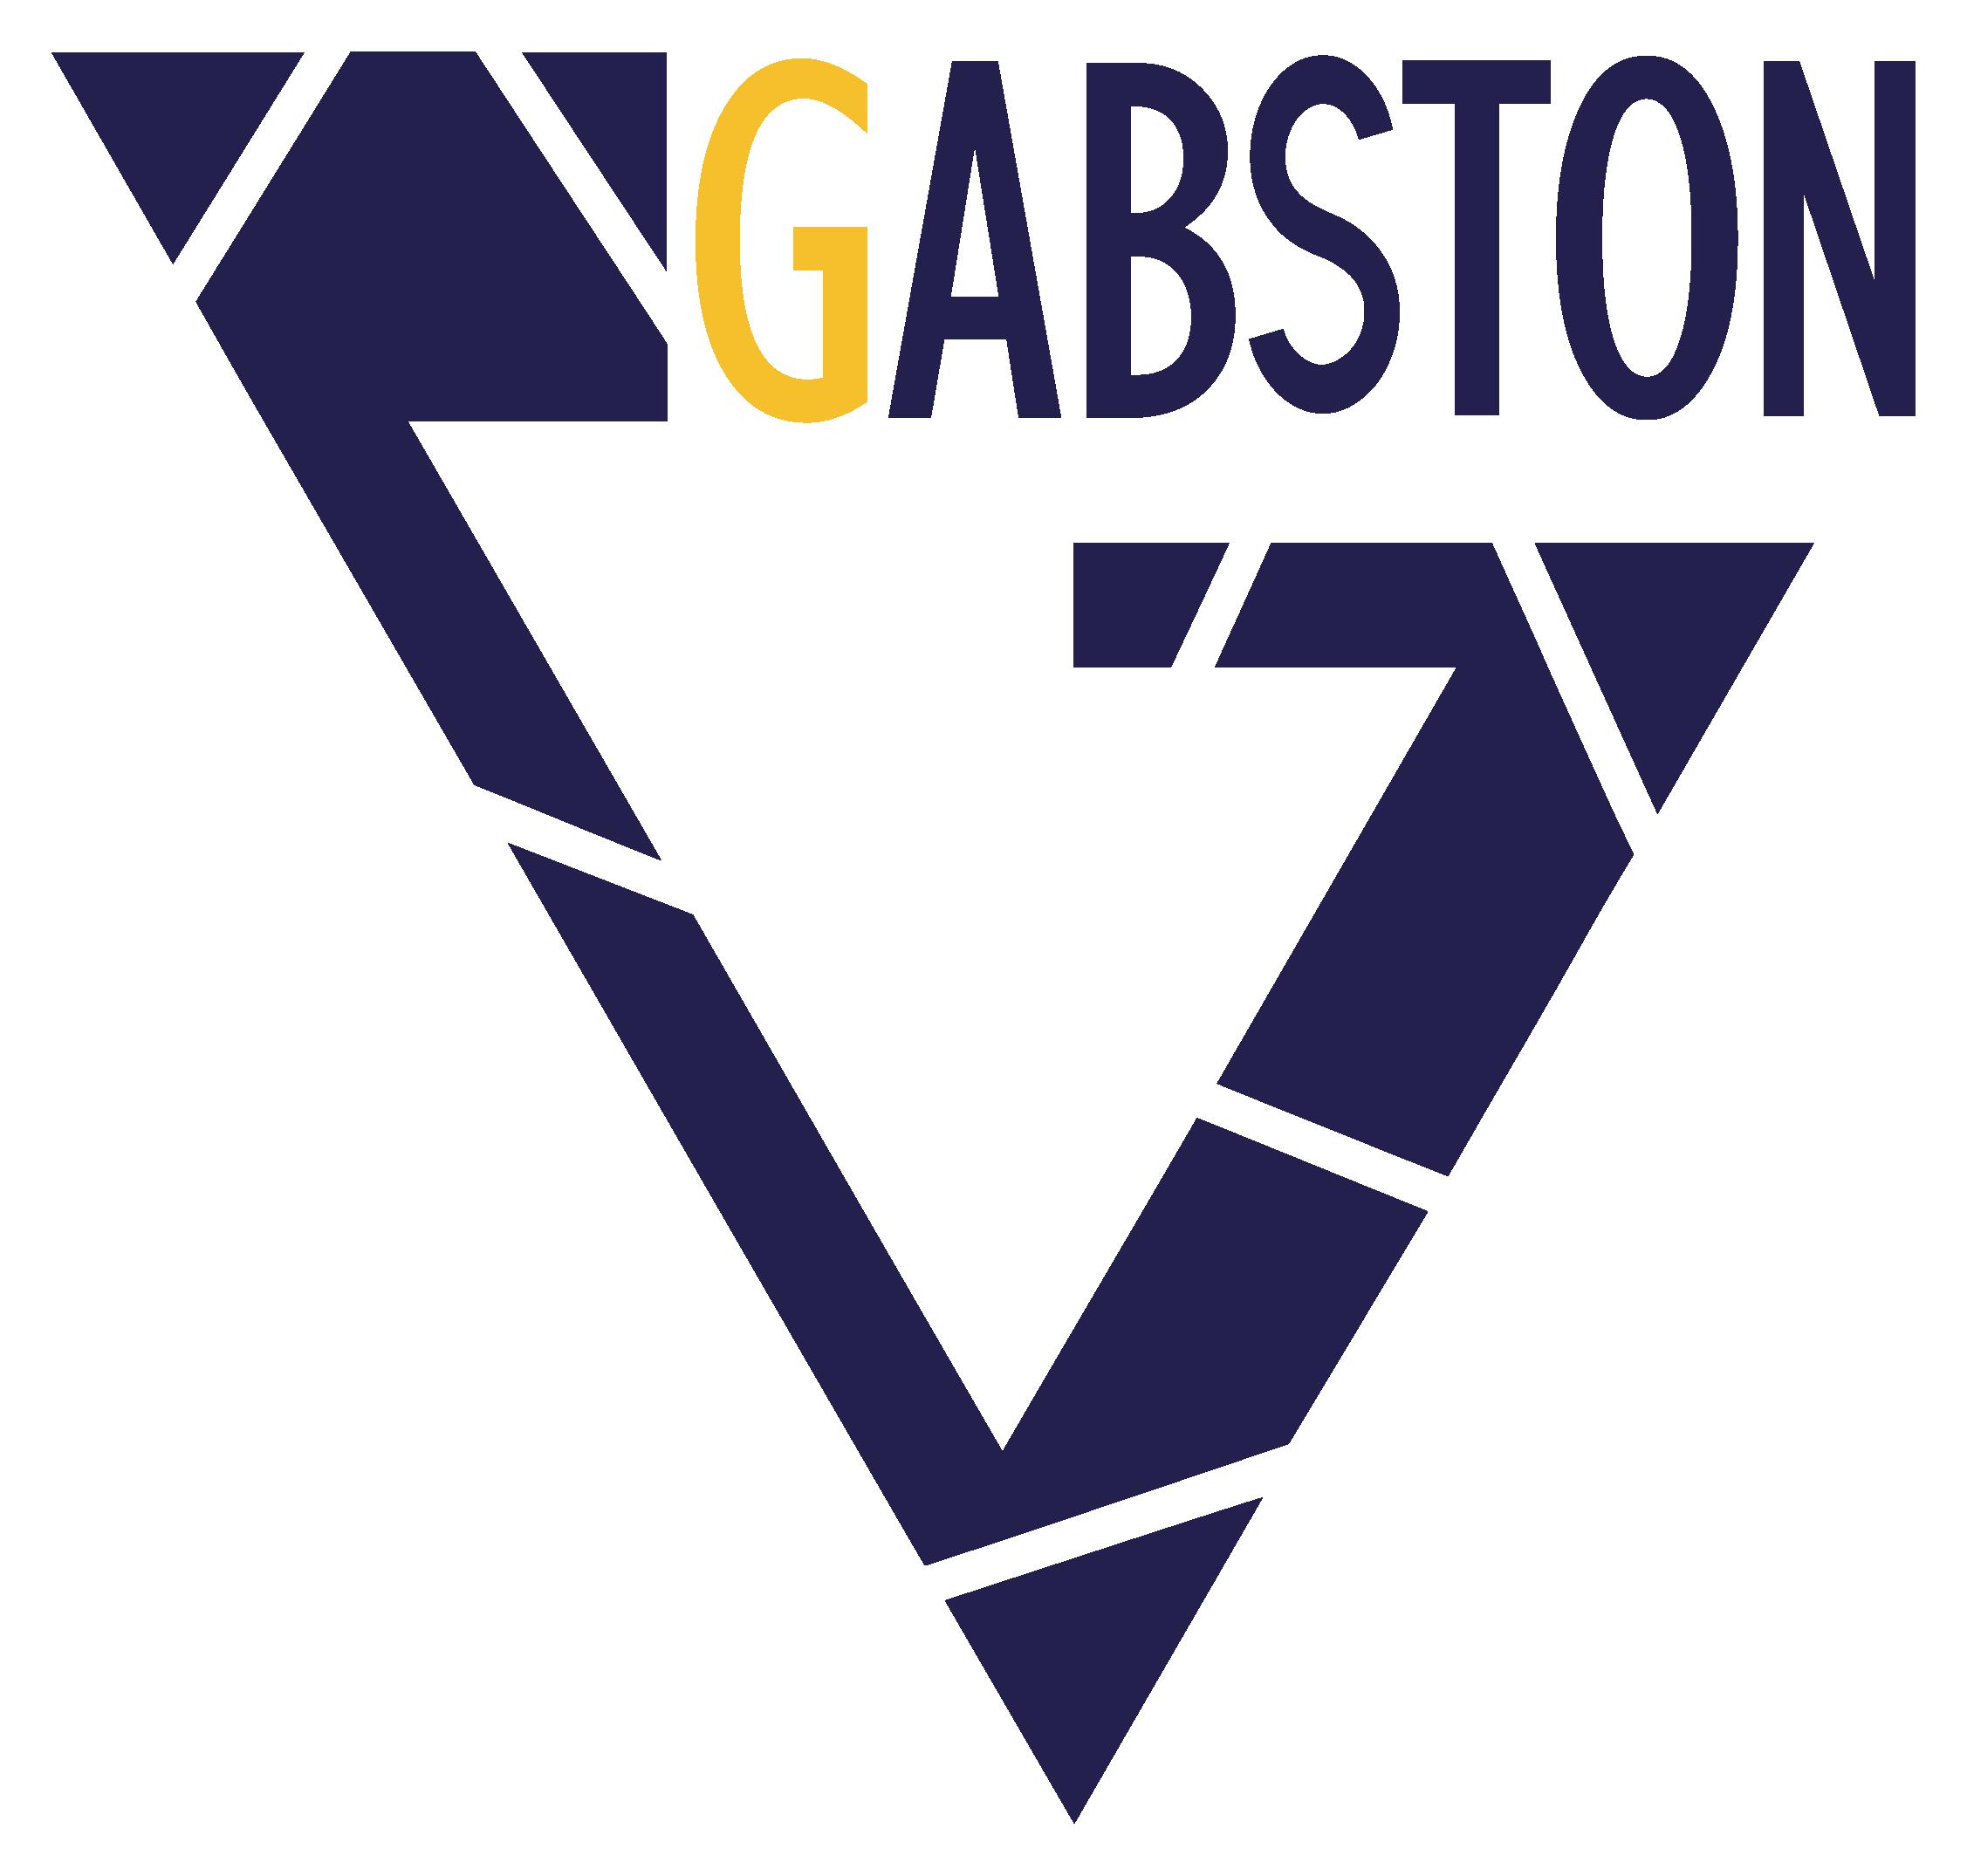 Gabston